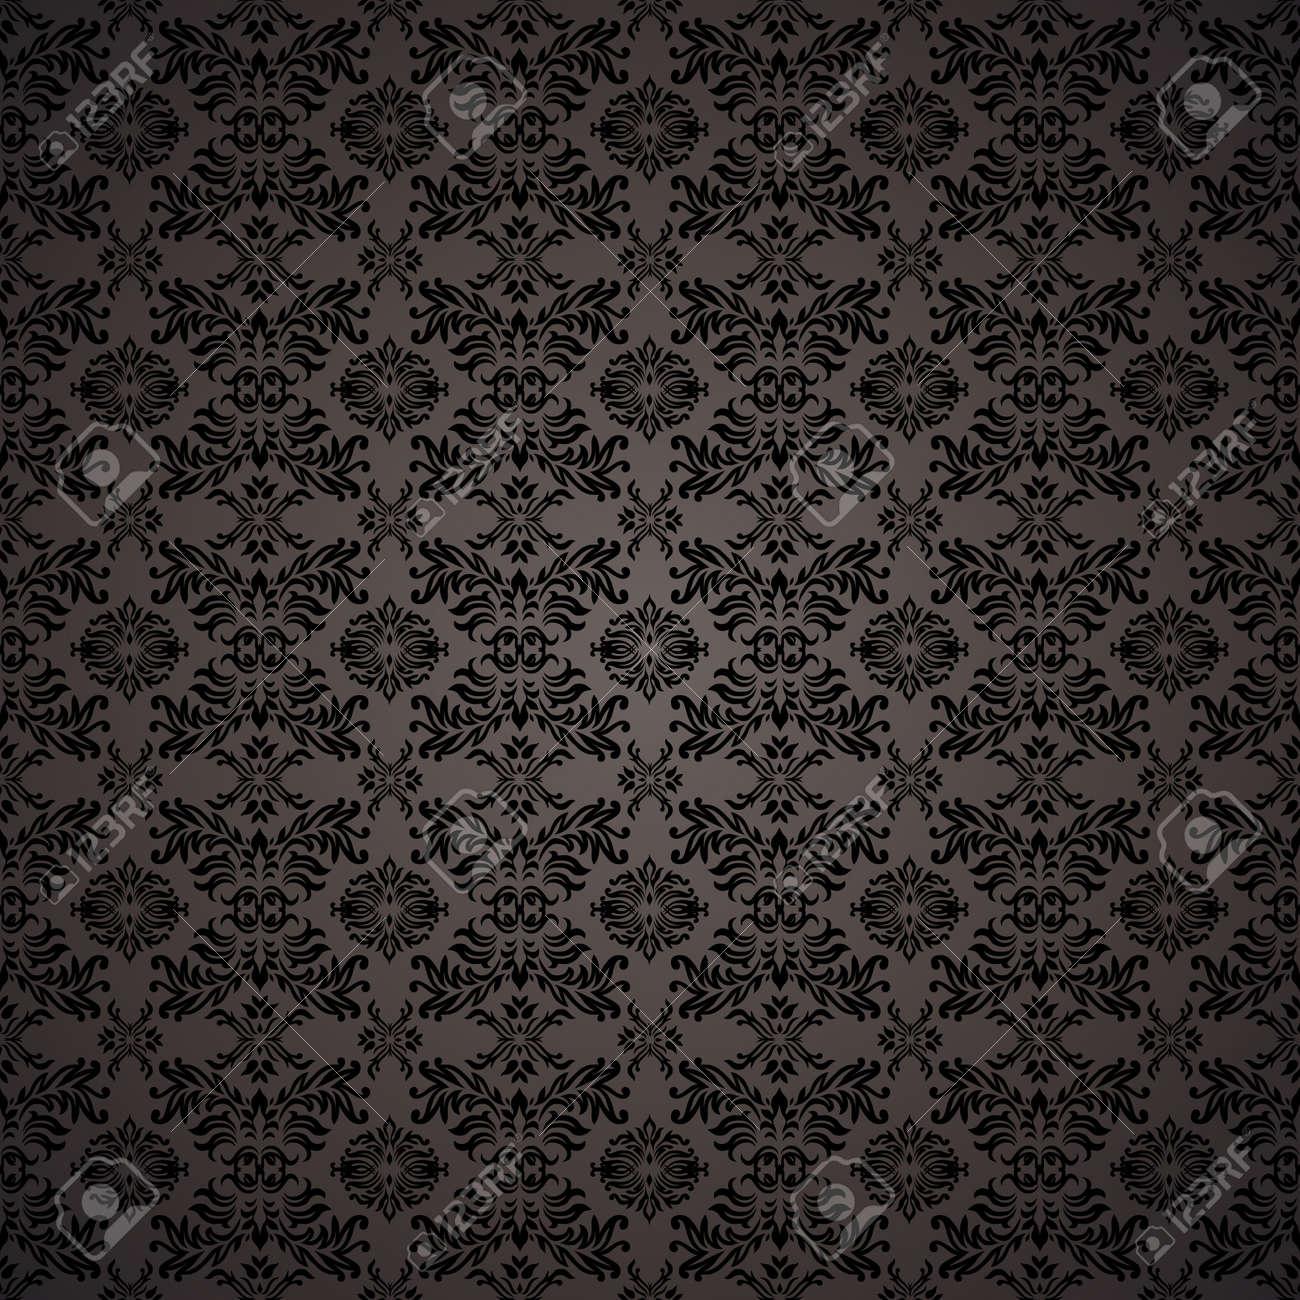 黒ゴシック シームレスな壁紙の背景のデザインのコンセプトを繰り返し